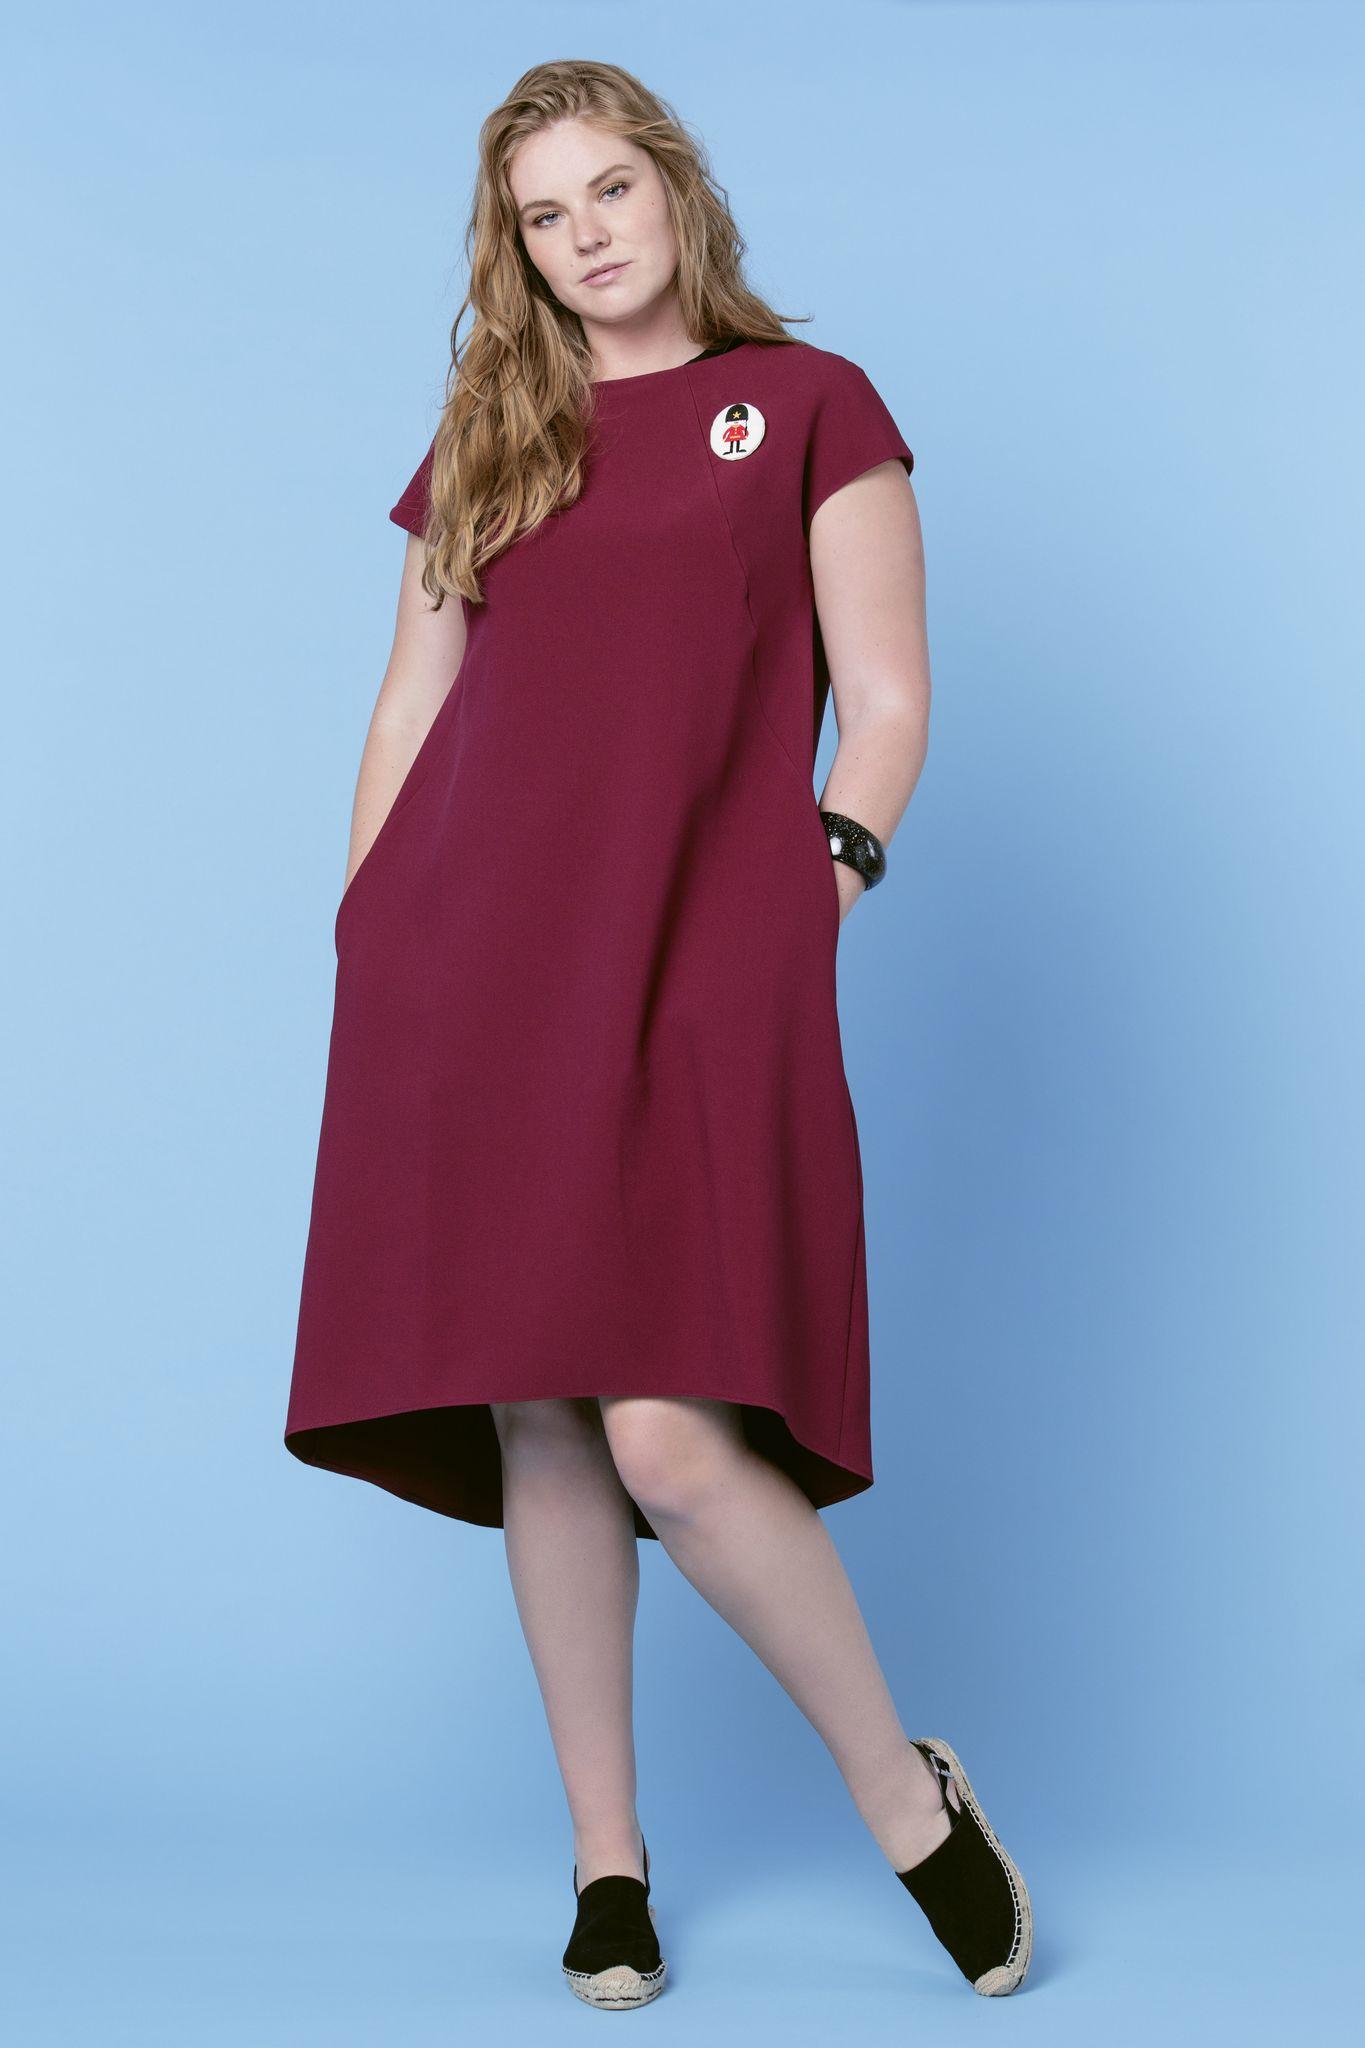 Платье NY D8 MAN08ФИНАЛЬНАЯ РАСПРОДАЖА<br>Прекрасное нарядное платье с пуговицами на спине. Универсальное и стильное, идеально для вечеринки и офиса. Плотная формодержащая ткань и карманы делают его не только нарядным, но и по-настоящему комфортным и носким. Разноуровневая линия низа и пуговицы на спине- добавляют образу игривости и романтичности.Рекомендуем для праздника, можно добавить аксессуары.<br>